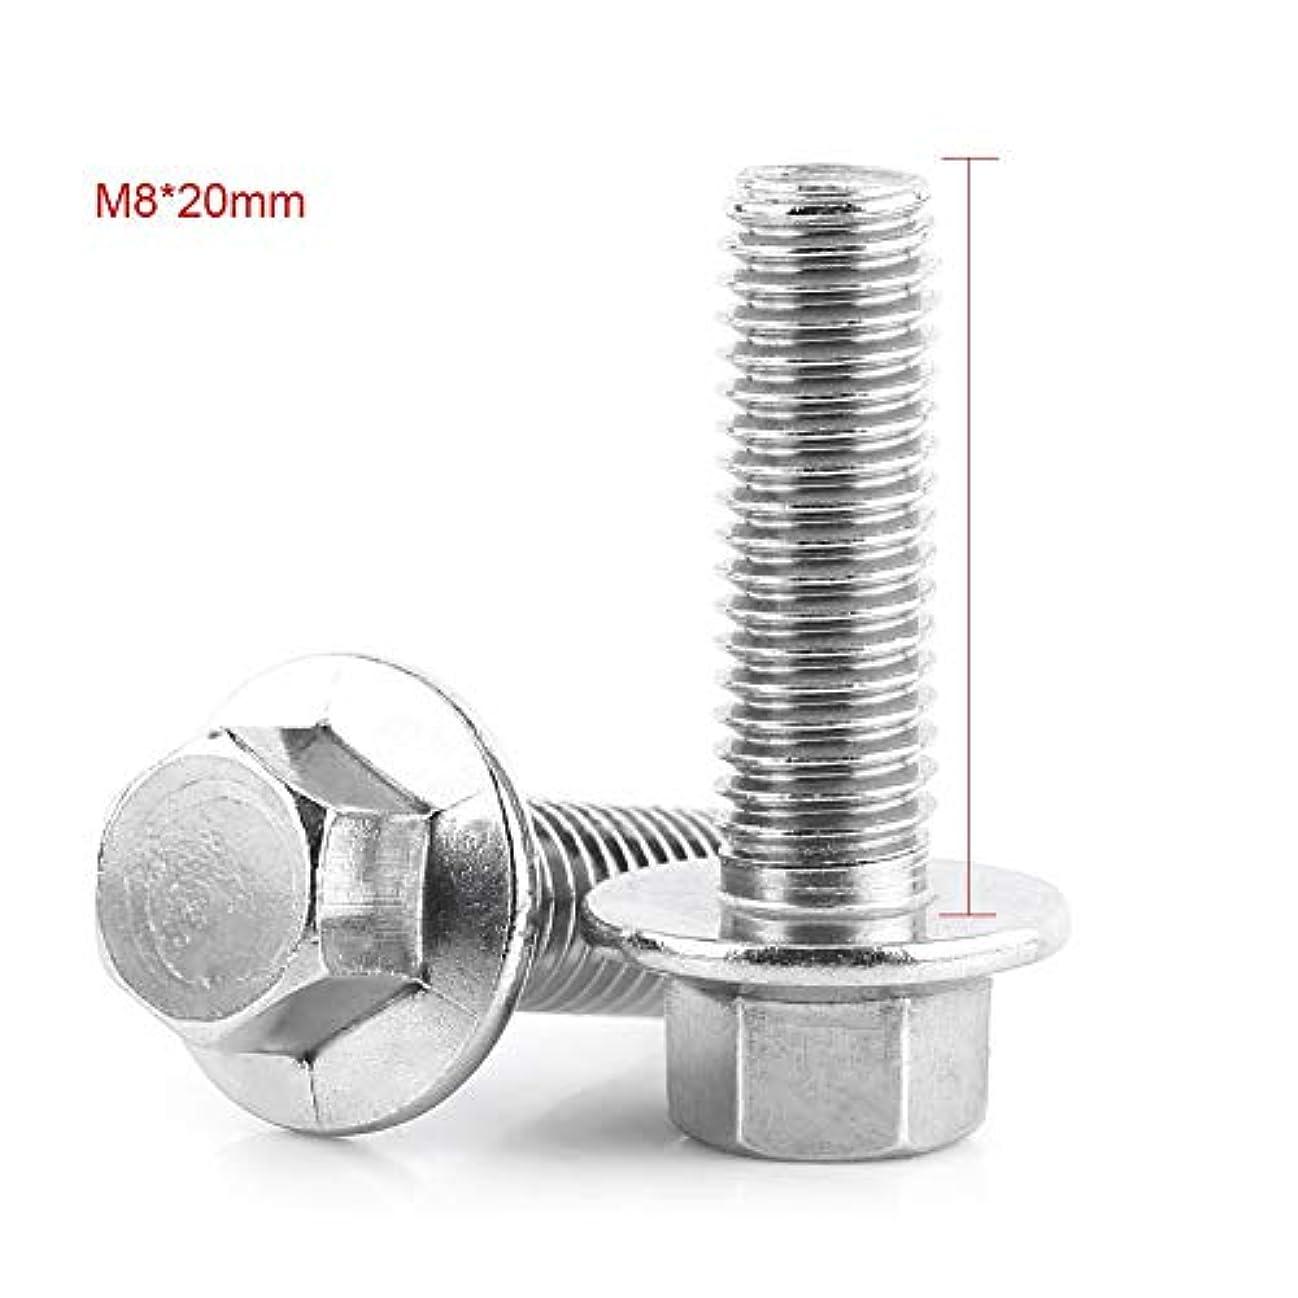 量現代ミント信頼性の高いハードウェア10個M8ステンレス鋼SS304六角ドライブフランジネジキャップヘッドワッシャーボルト(M8*20)